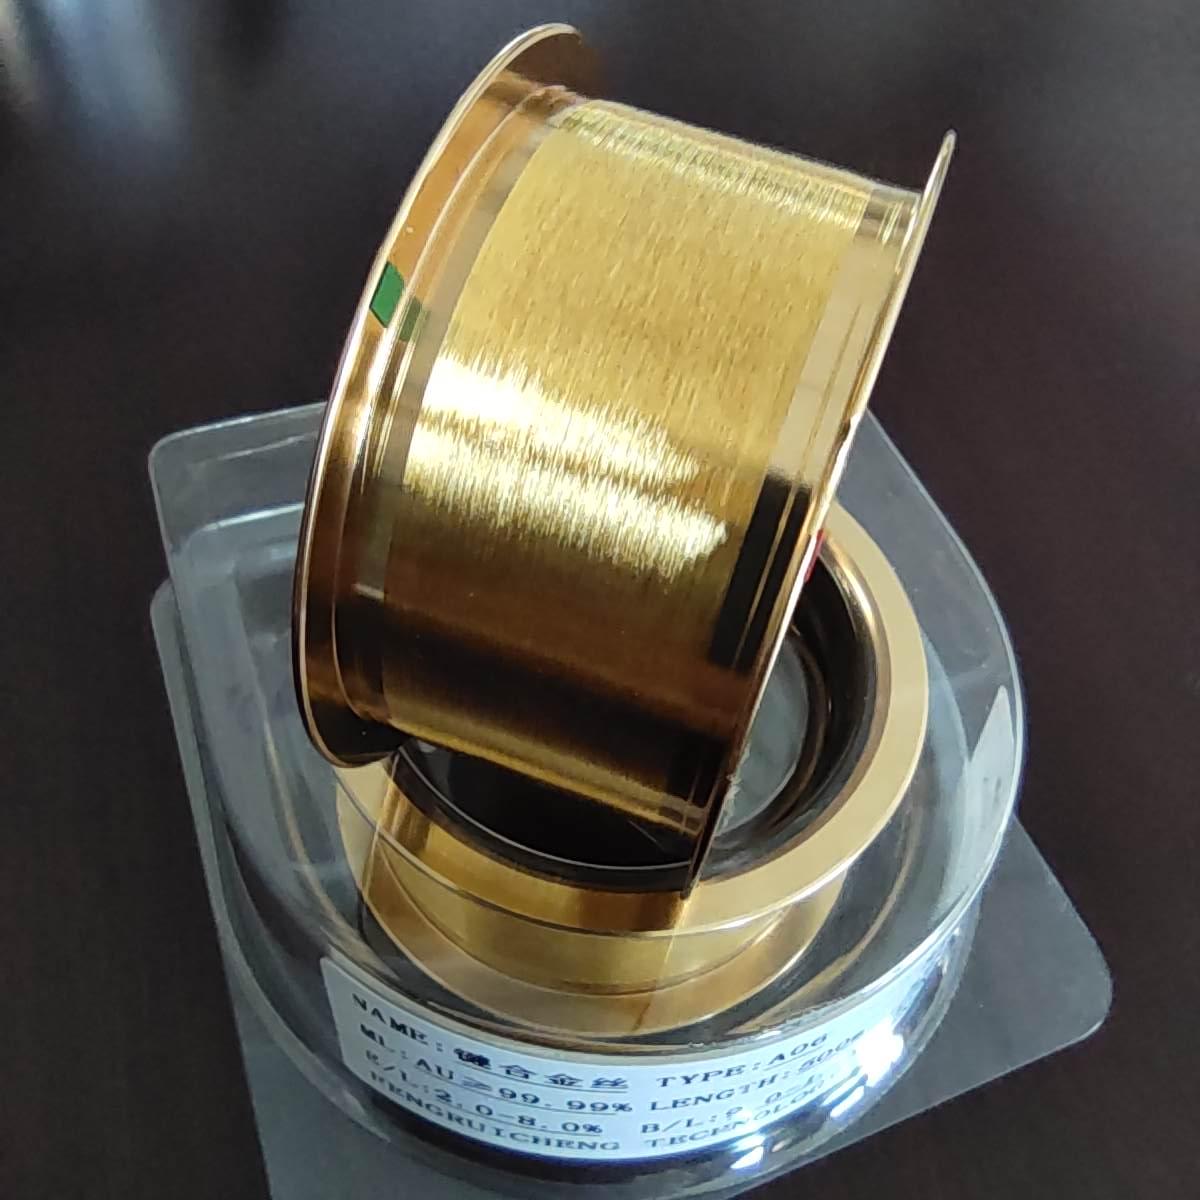 镀金层回收 广东镀金回收公司